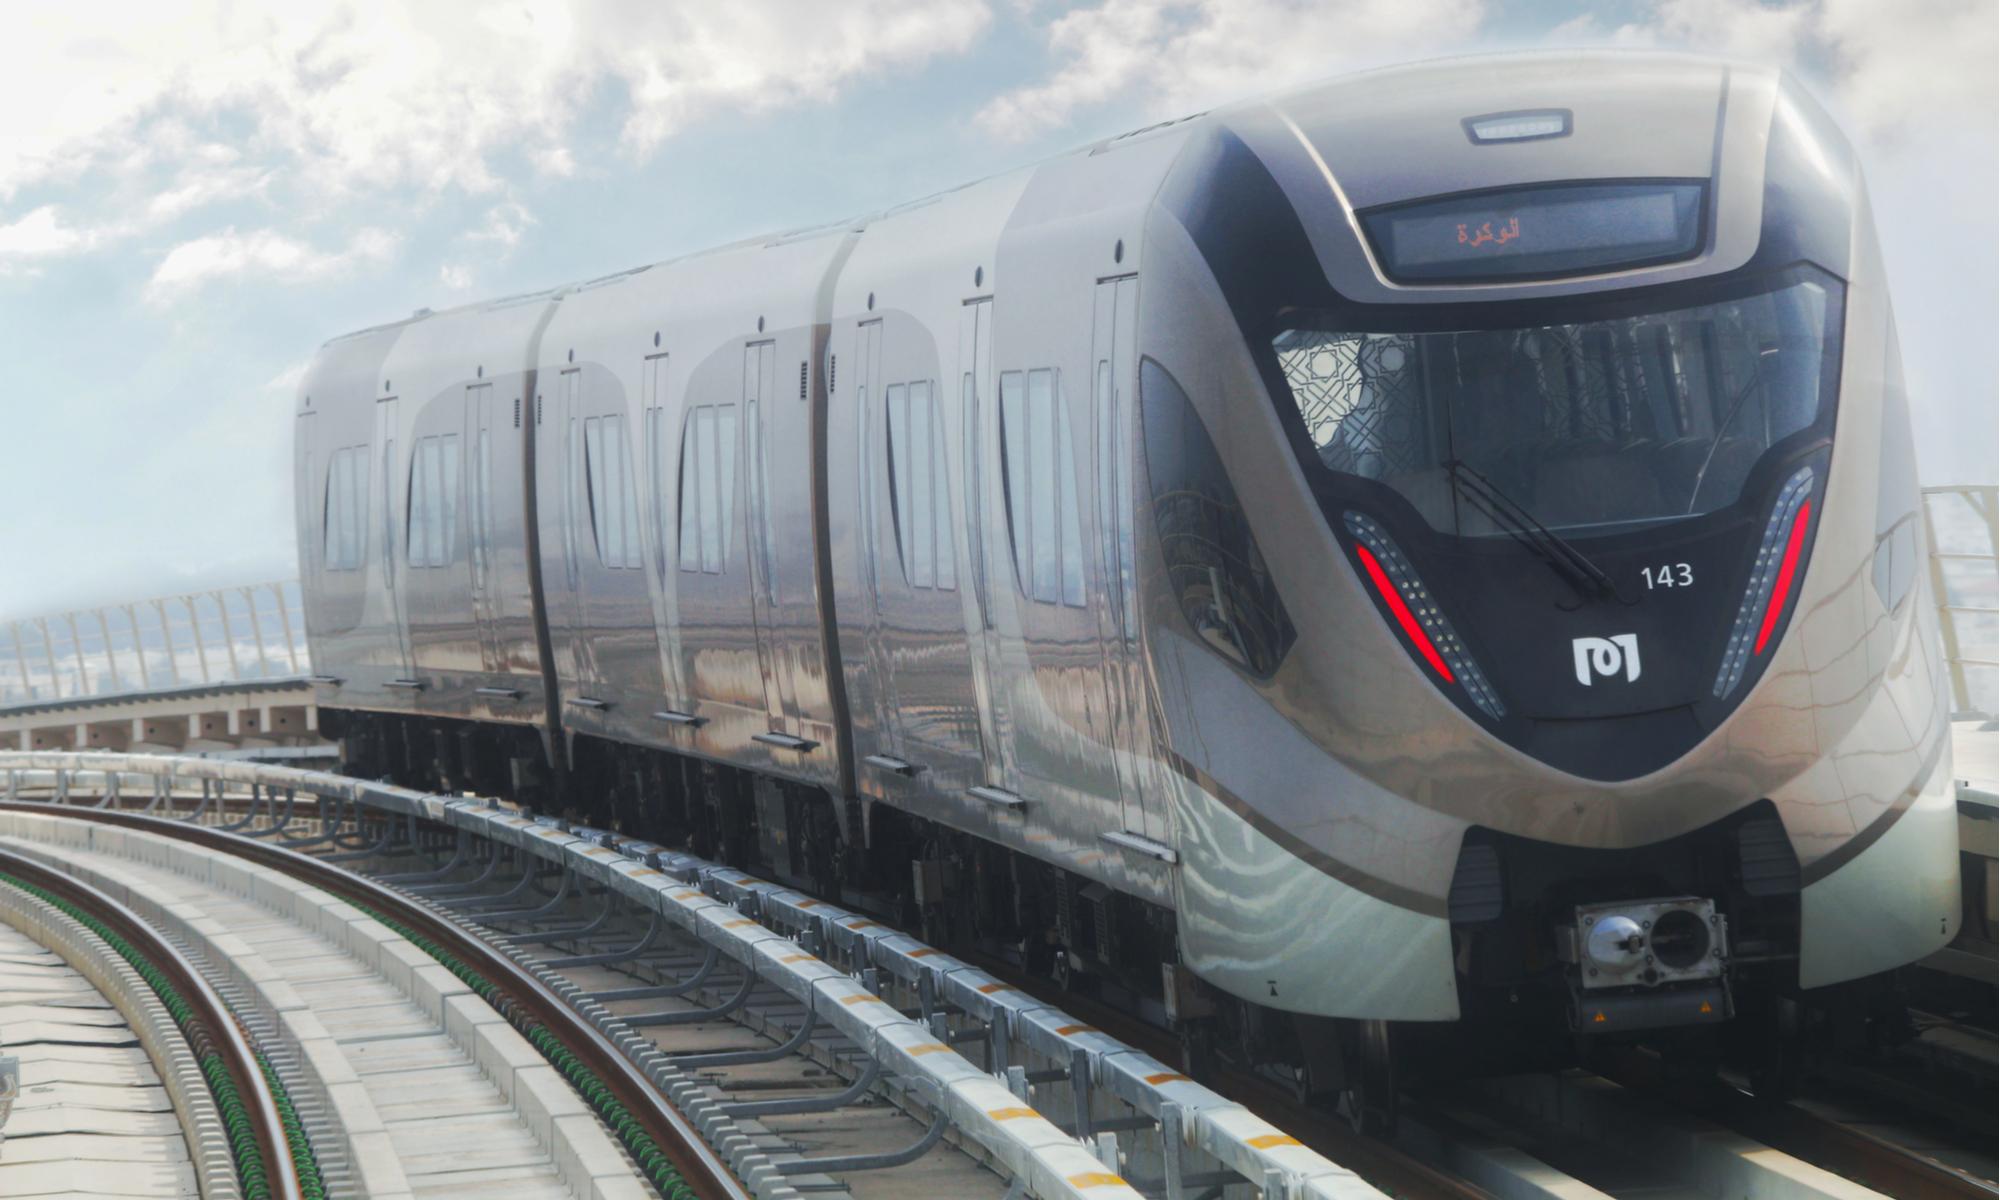 Le métro de Doha lance une initiative verte pour planter des arbres